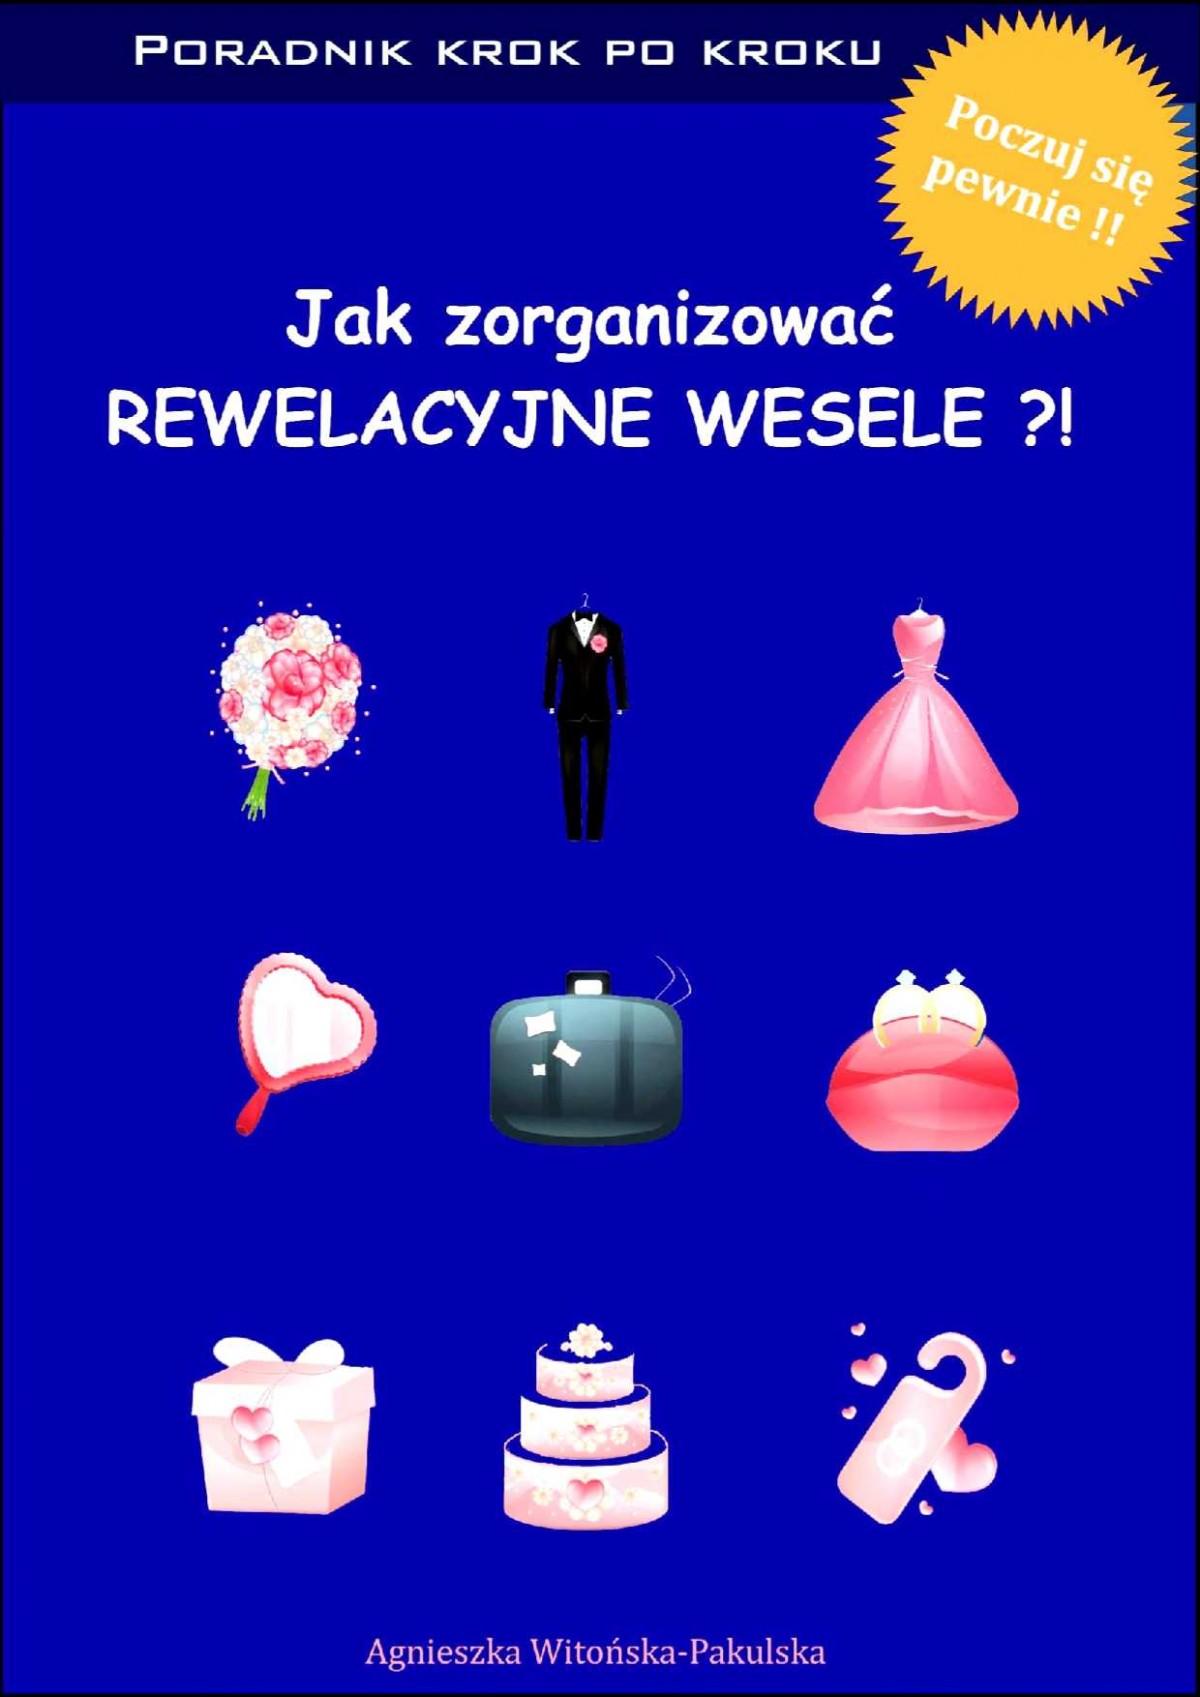 Jak zorganizować rewelacyjne wesele. Poradnik krok po kroku - Ebook (Książka EPUB) do pobrania w formacie EPUB